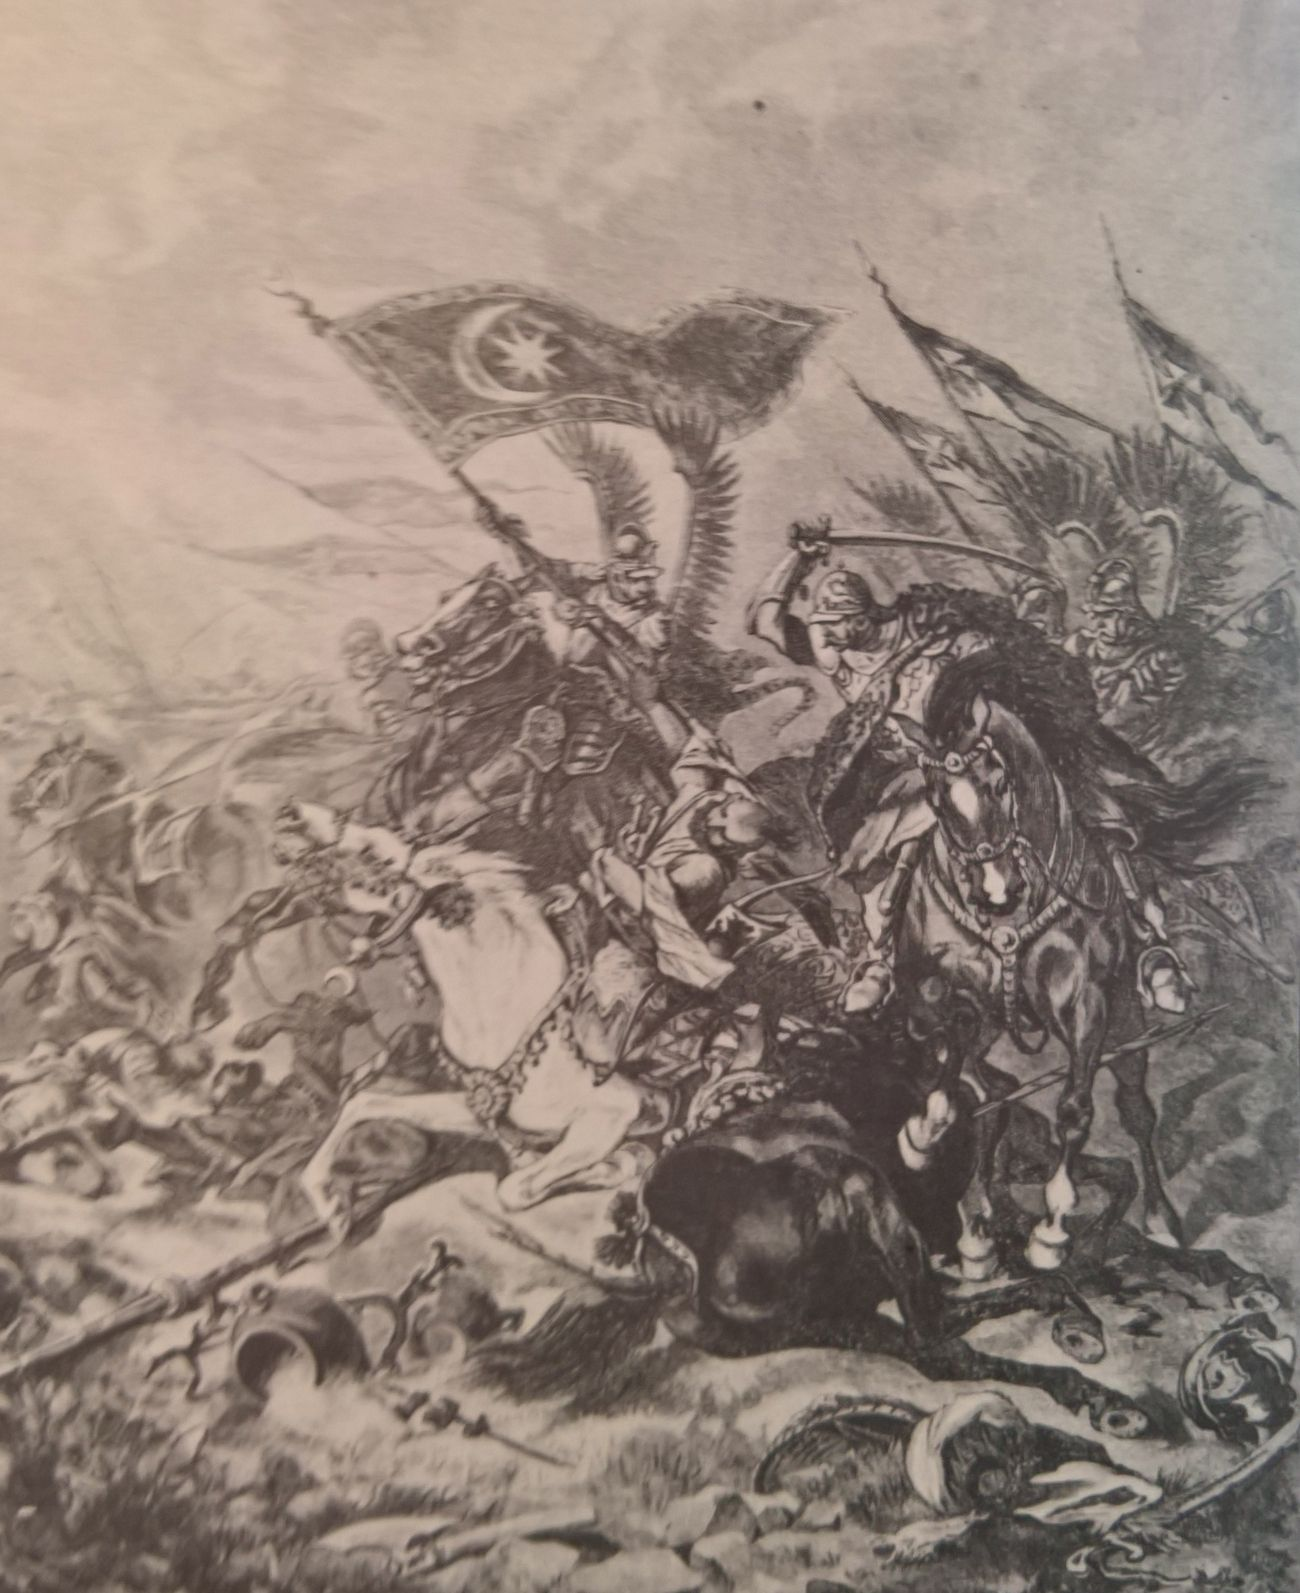 Husarze rekrutowali się również z szeregów pospolitego ruszenia. Na ilustracji rysunek Juliusza Kossaka przedstawiający walkę o turecki sztandar pod Wiedniem.